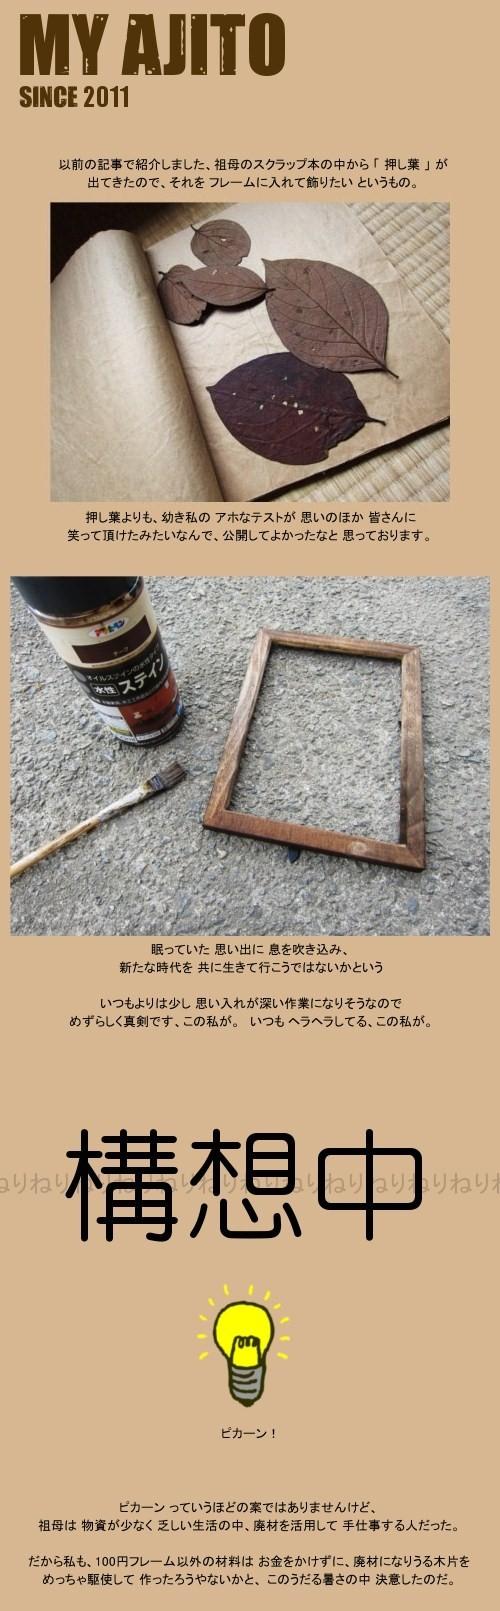 haba_02.jpg